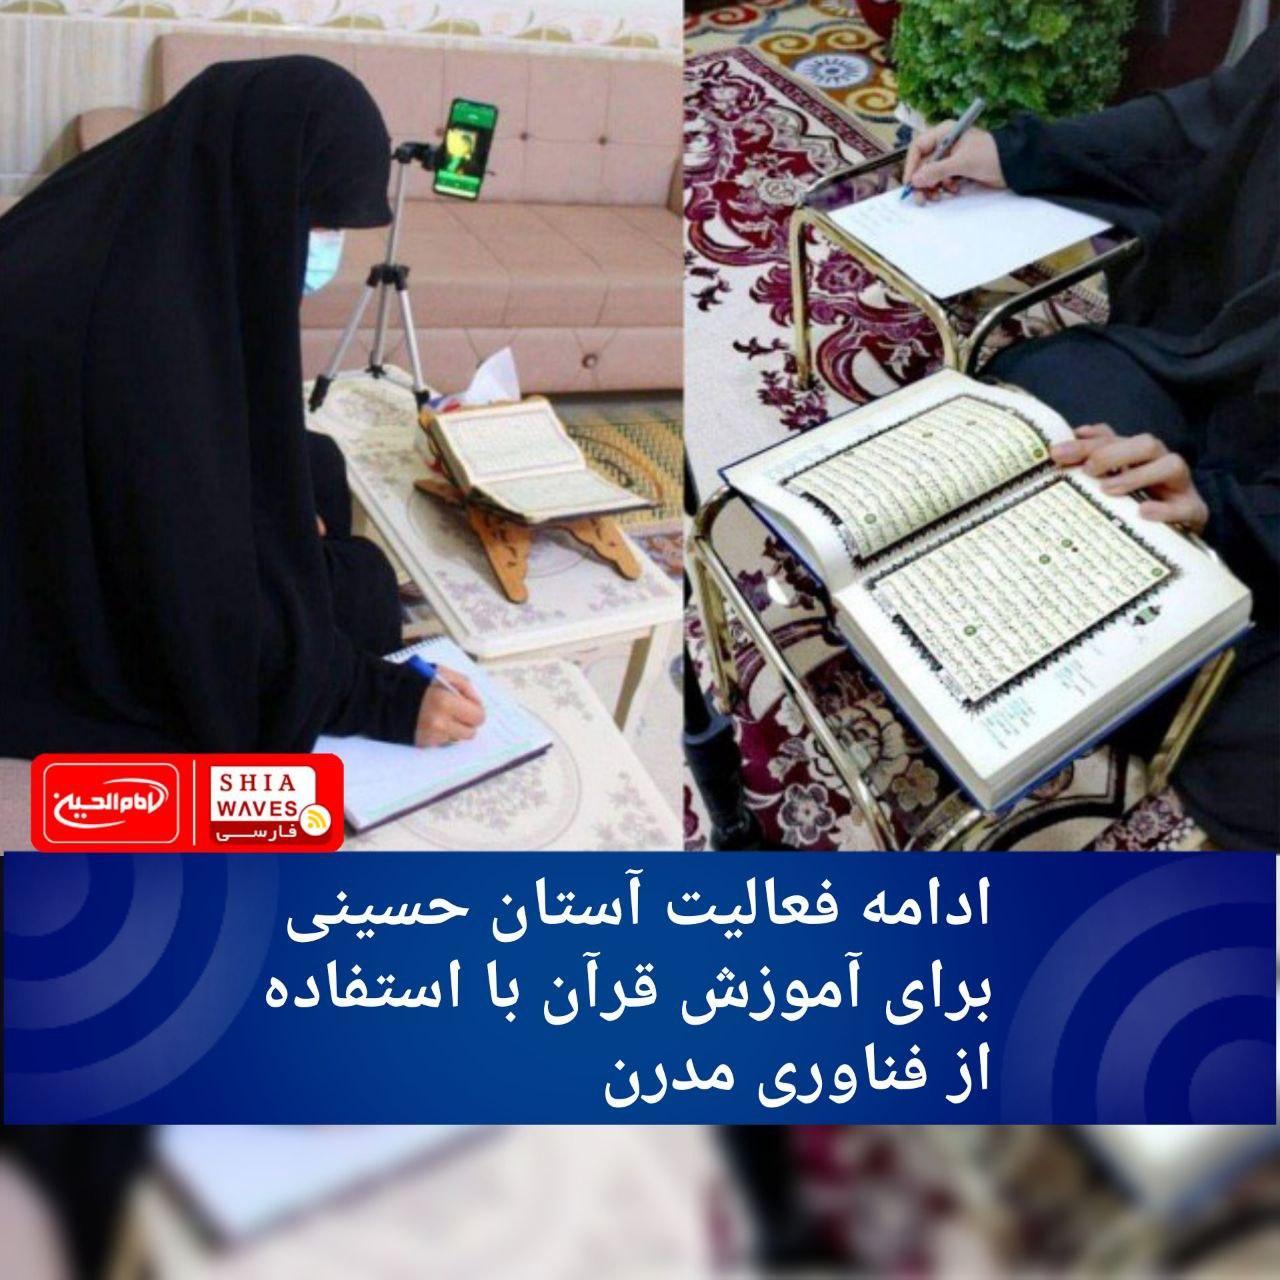 تصویر ادامه فعالیت آستان حسینی برای آموزش قرآن با استفاده از فناوری مدرن